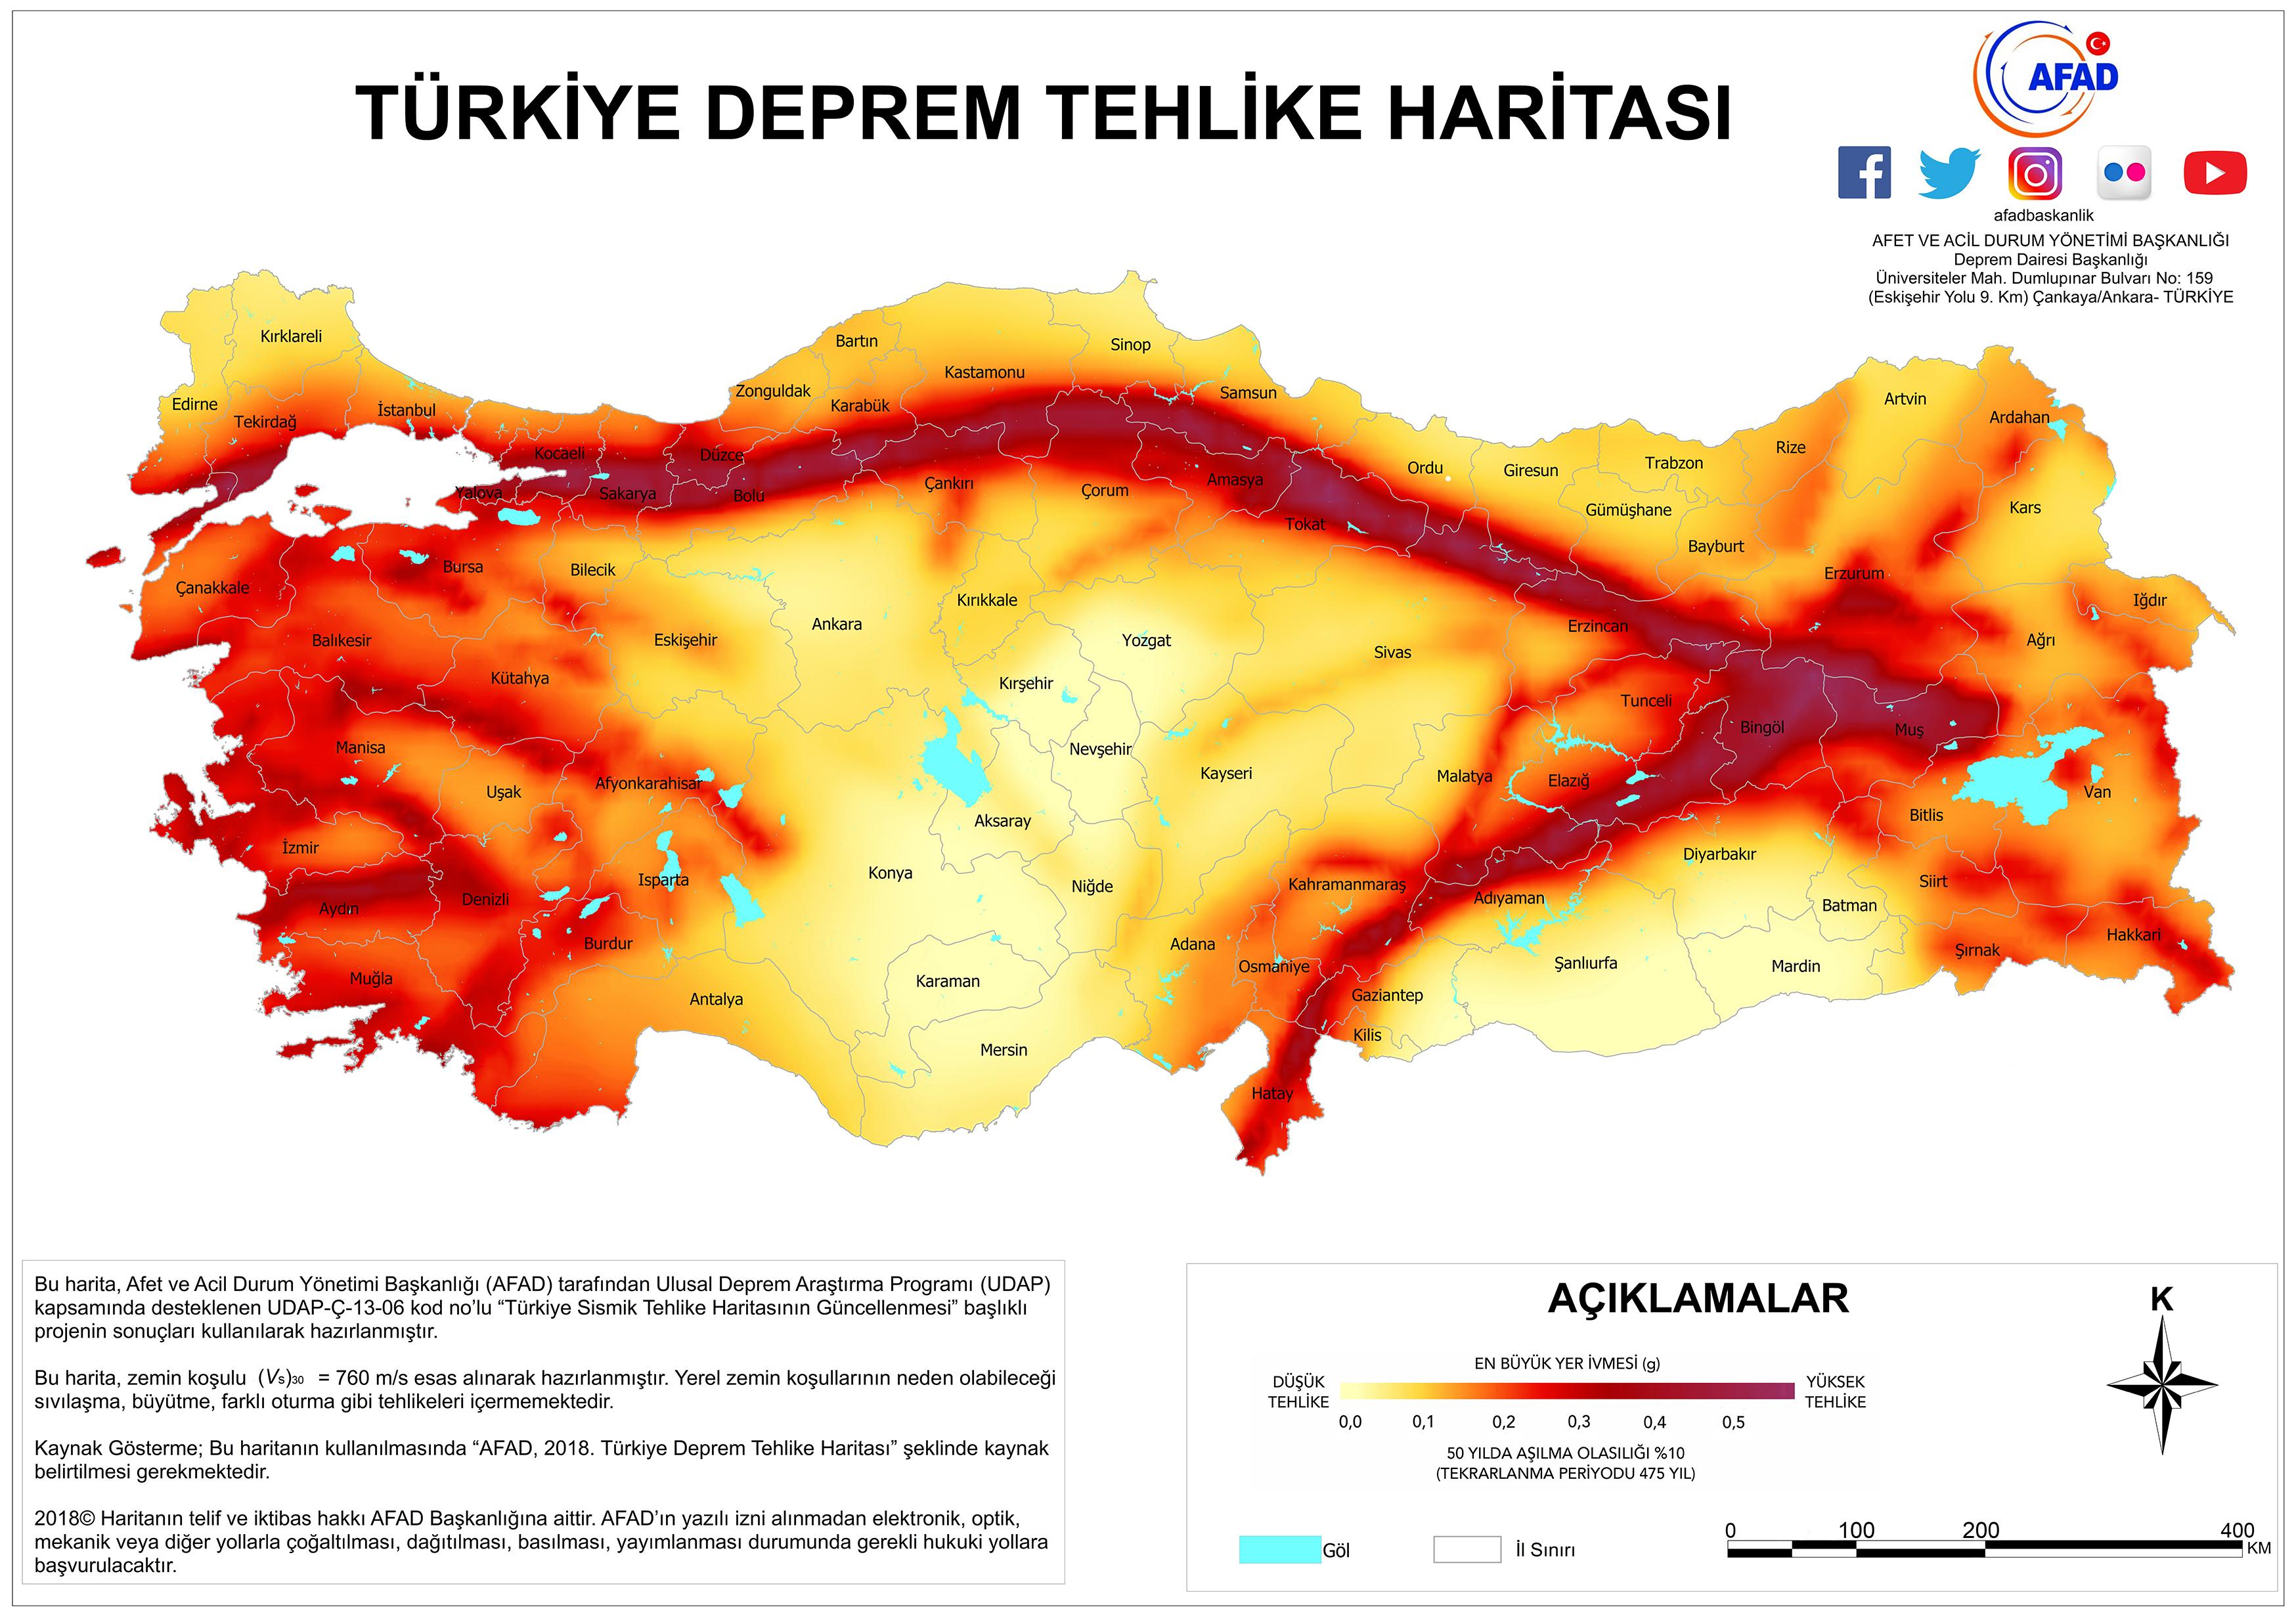 Türkiye Bina Deprem Yönetmeliğine göre  Zemin ve Temel Etüdü Uygulama Esaslarında Yapılan Değişiklikler